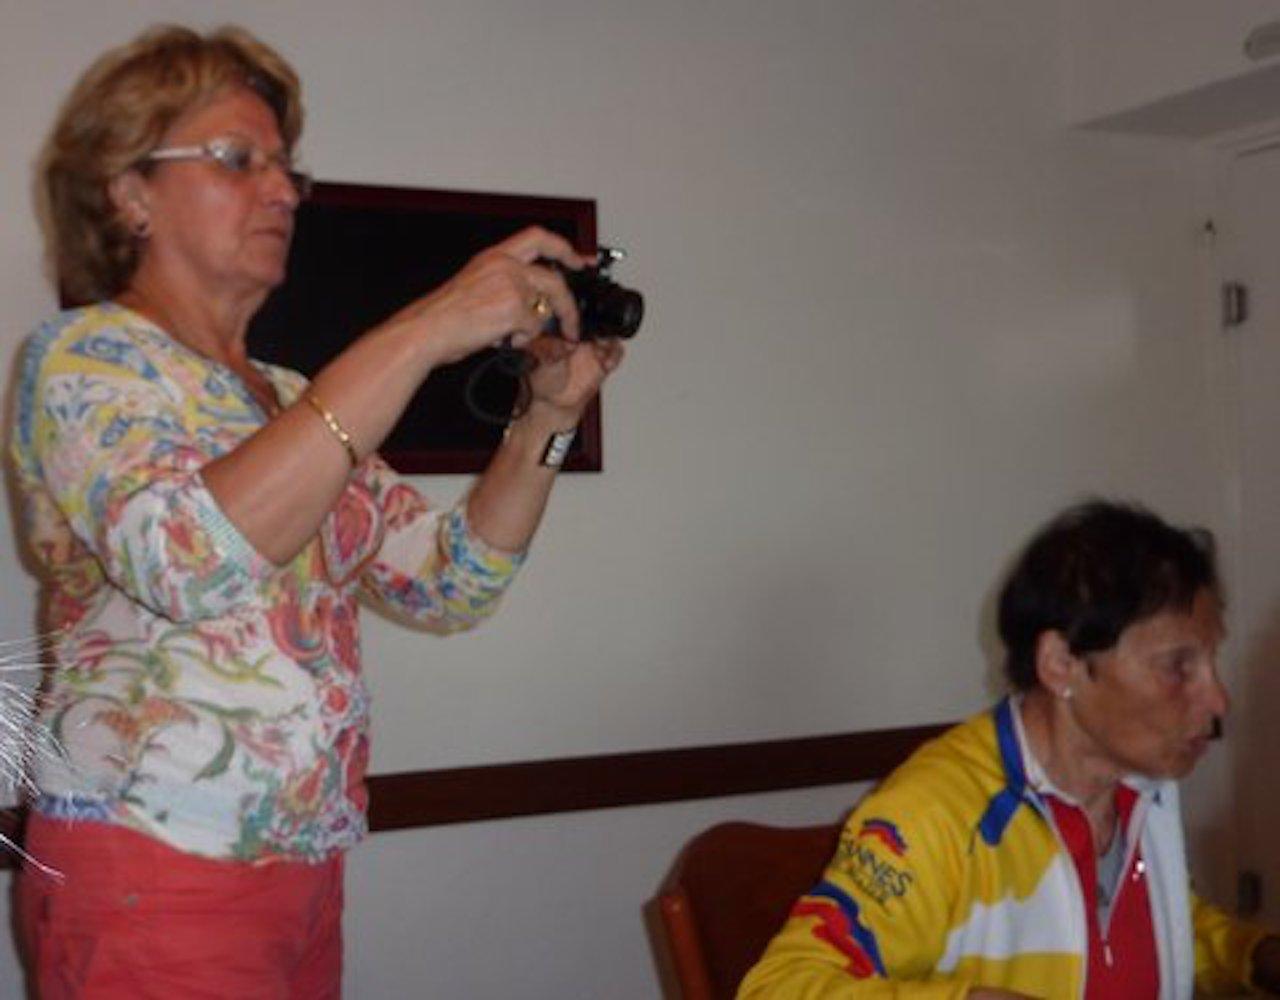 Guyonne notre photographe attitrée.